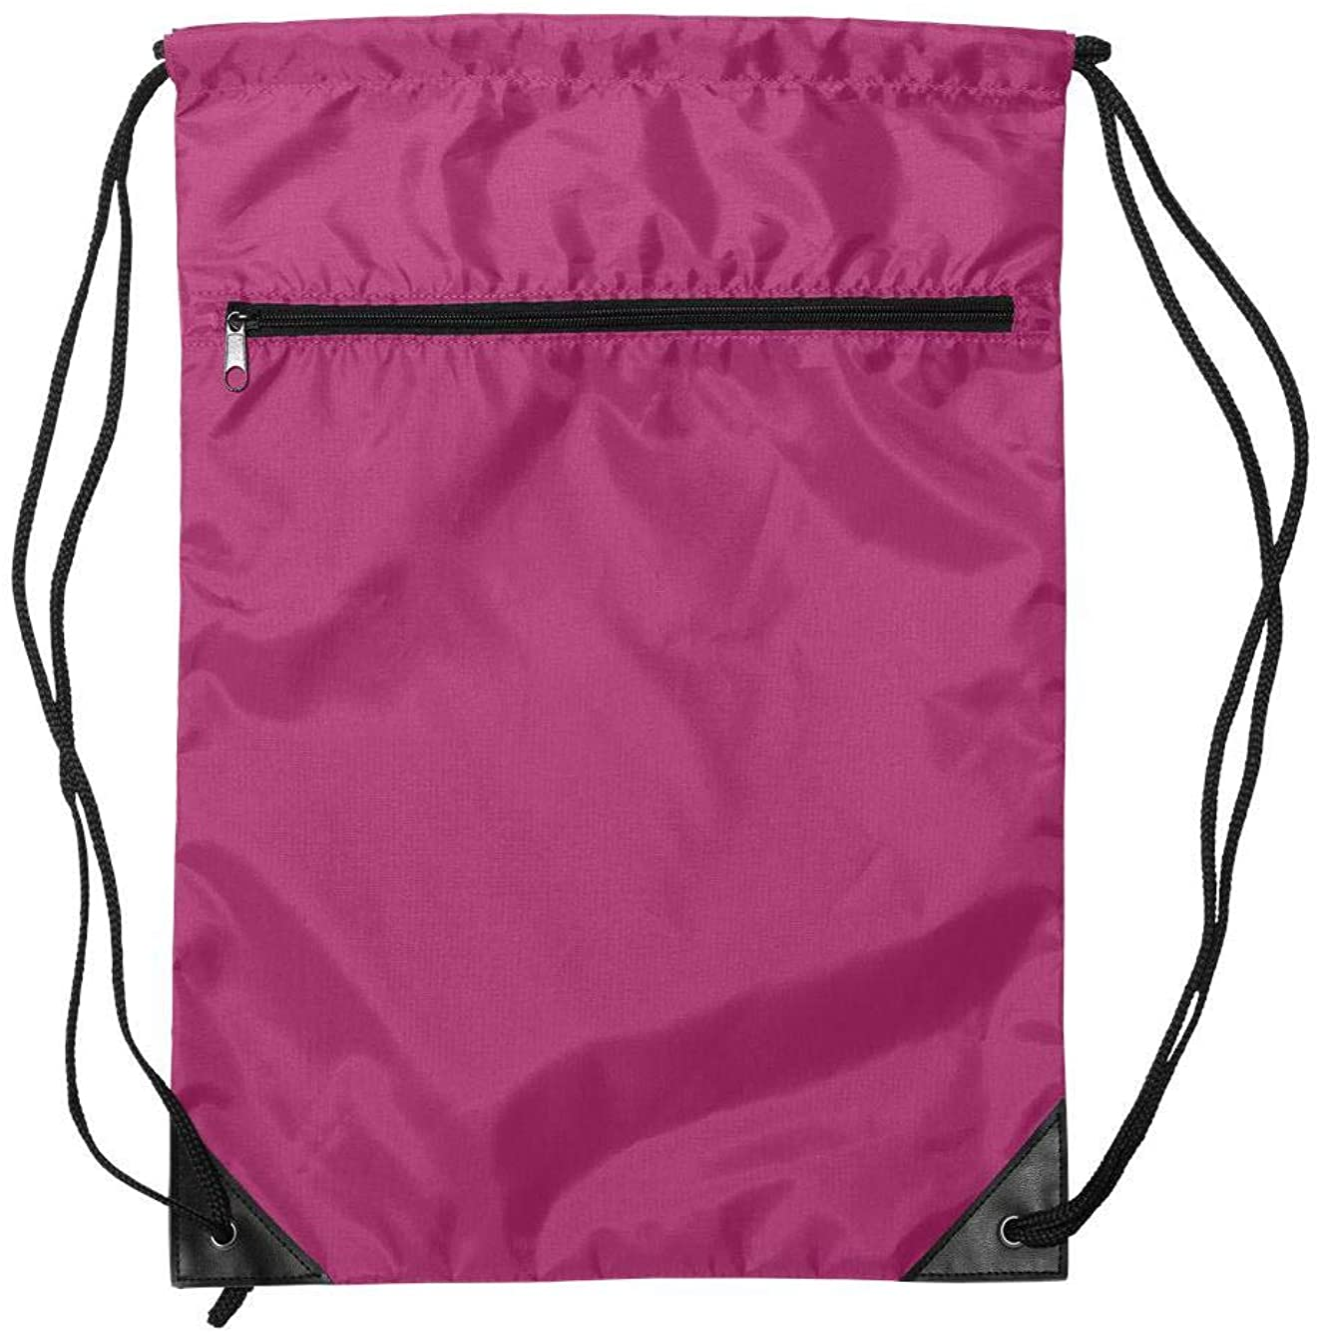 PINK /& BLACK DRAWSTRING BAG